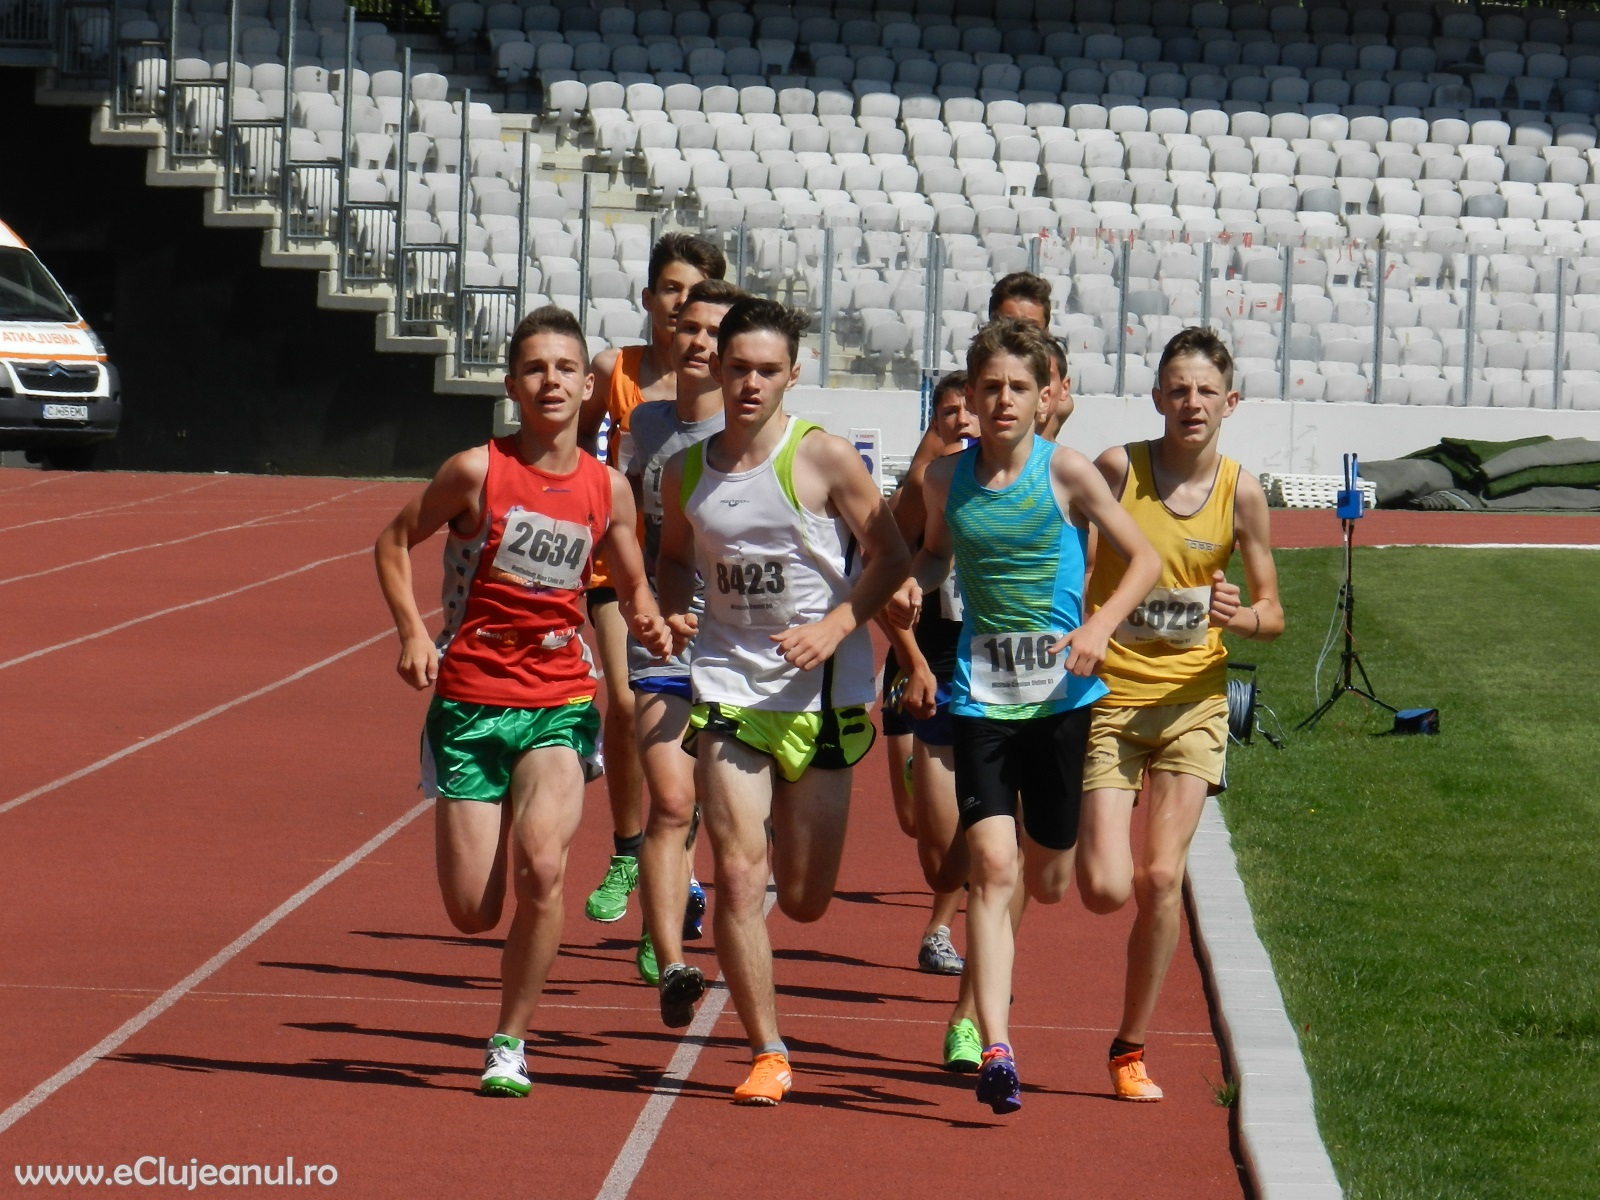 500 de atleți au participat în weekend la Finala Campionatului Național de Juniori III pe Cluj Arena